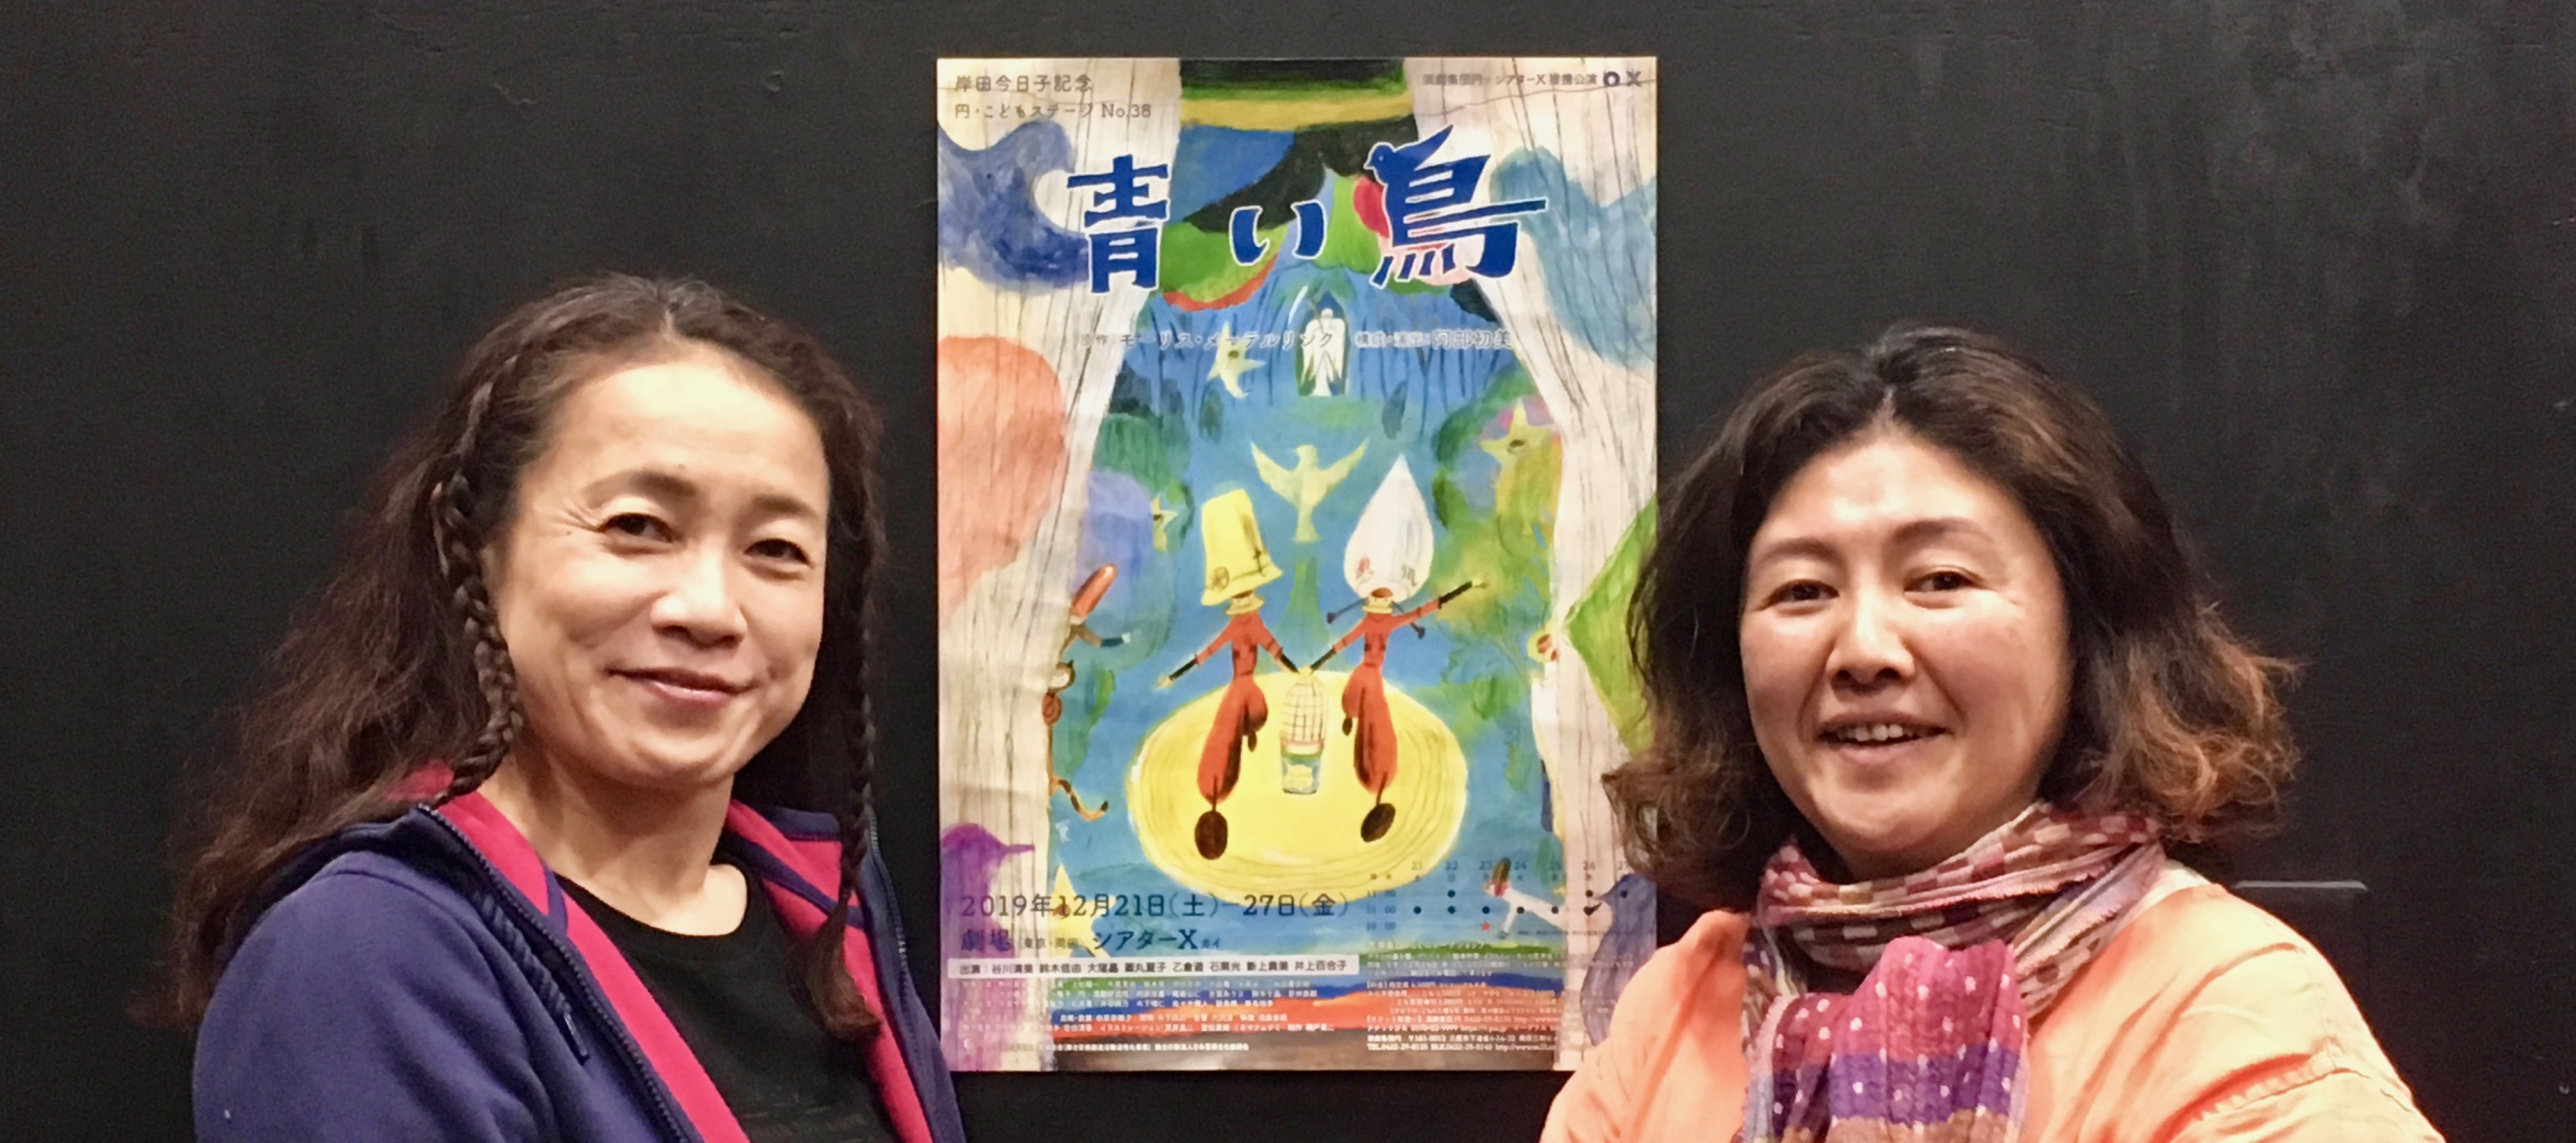 円・こどもステージ公演『青い鳥』(メーテルリンク作、阿部初美構成・演出)、左から、谷川清美、阿部初美